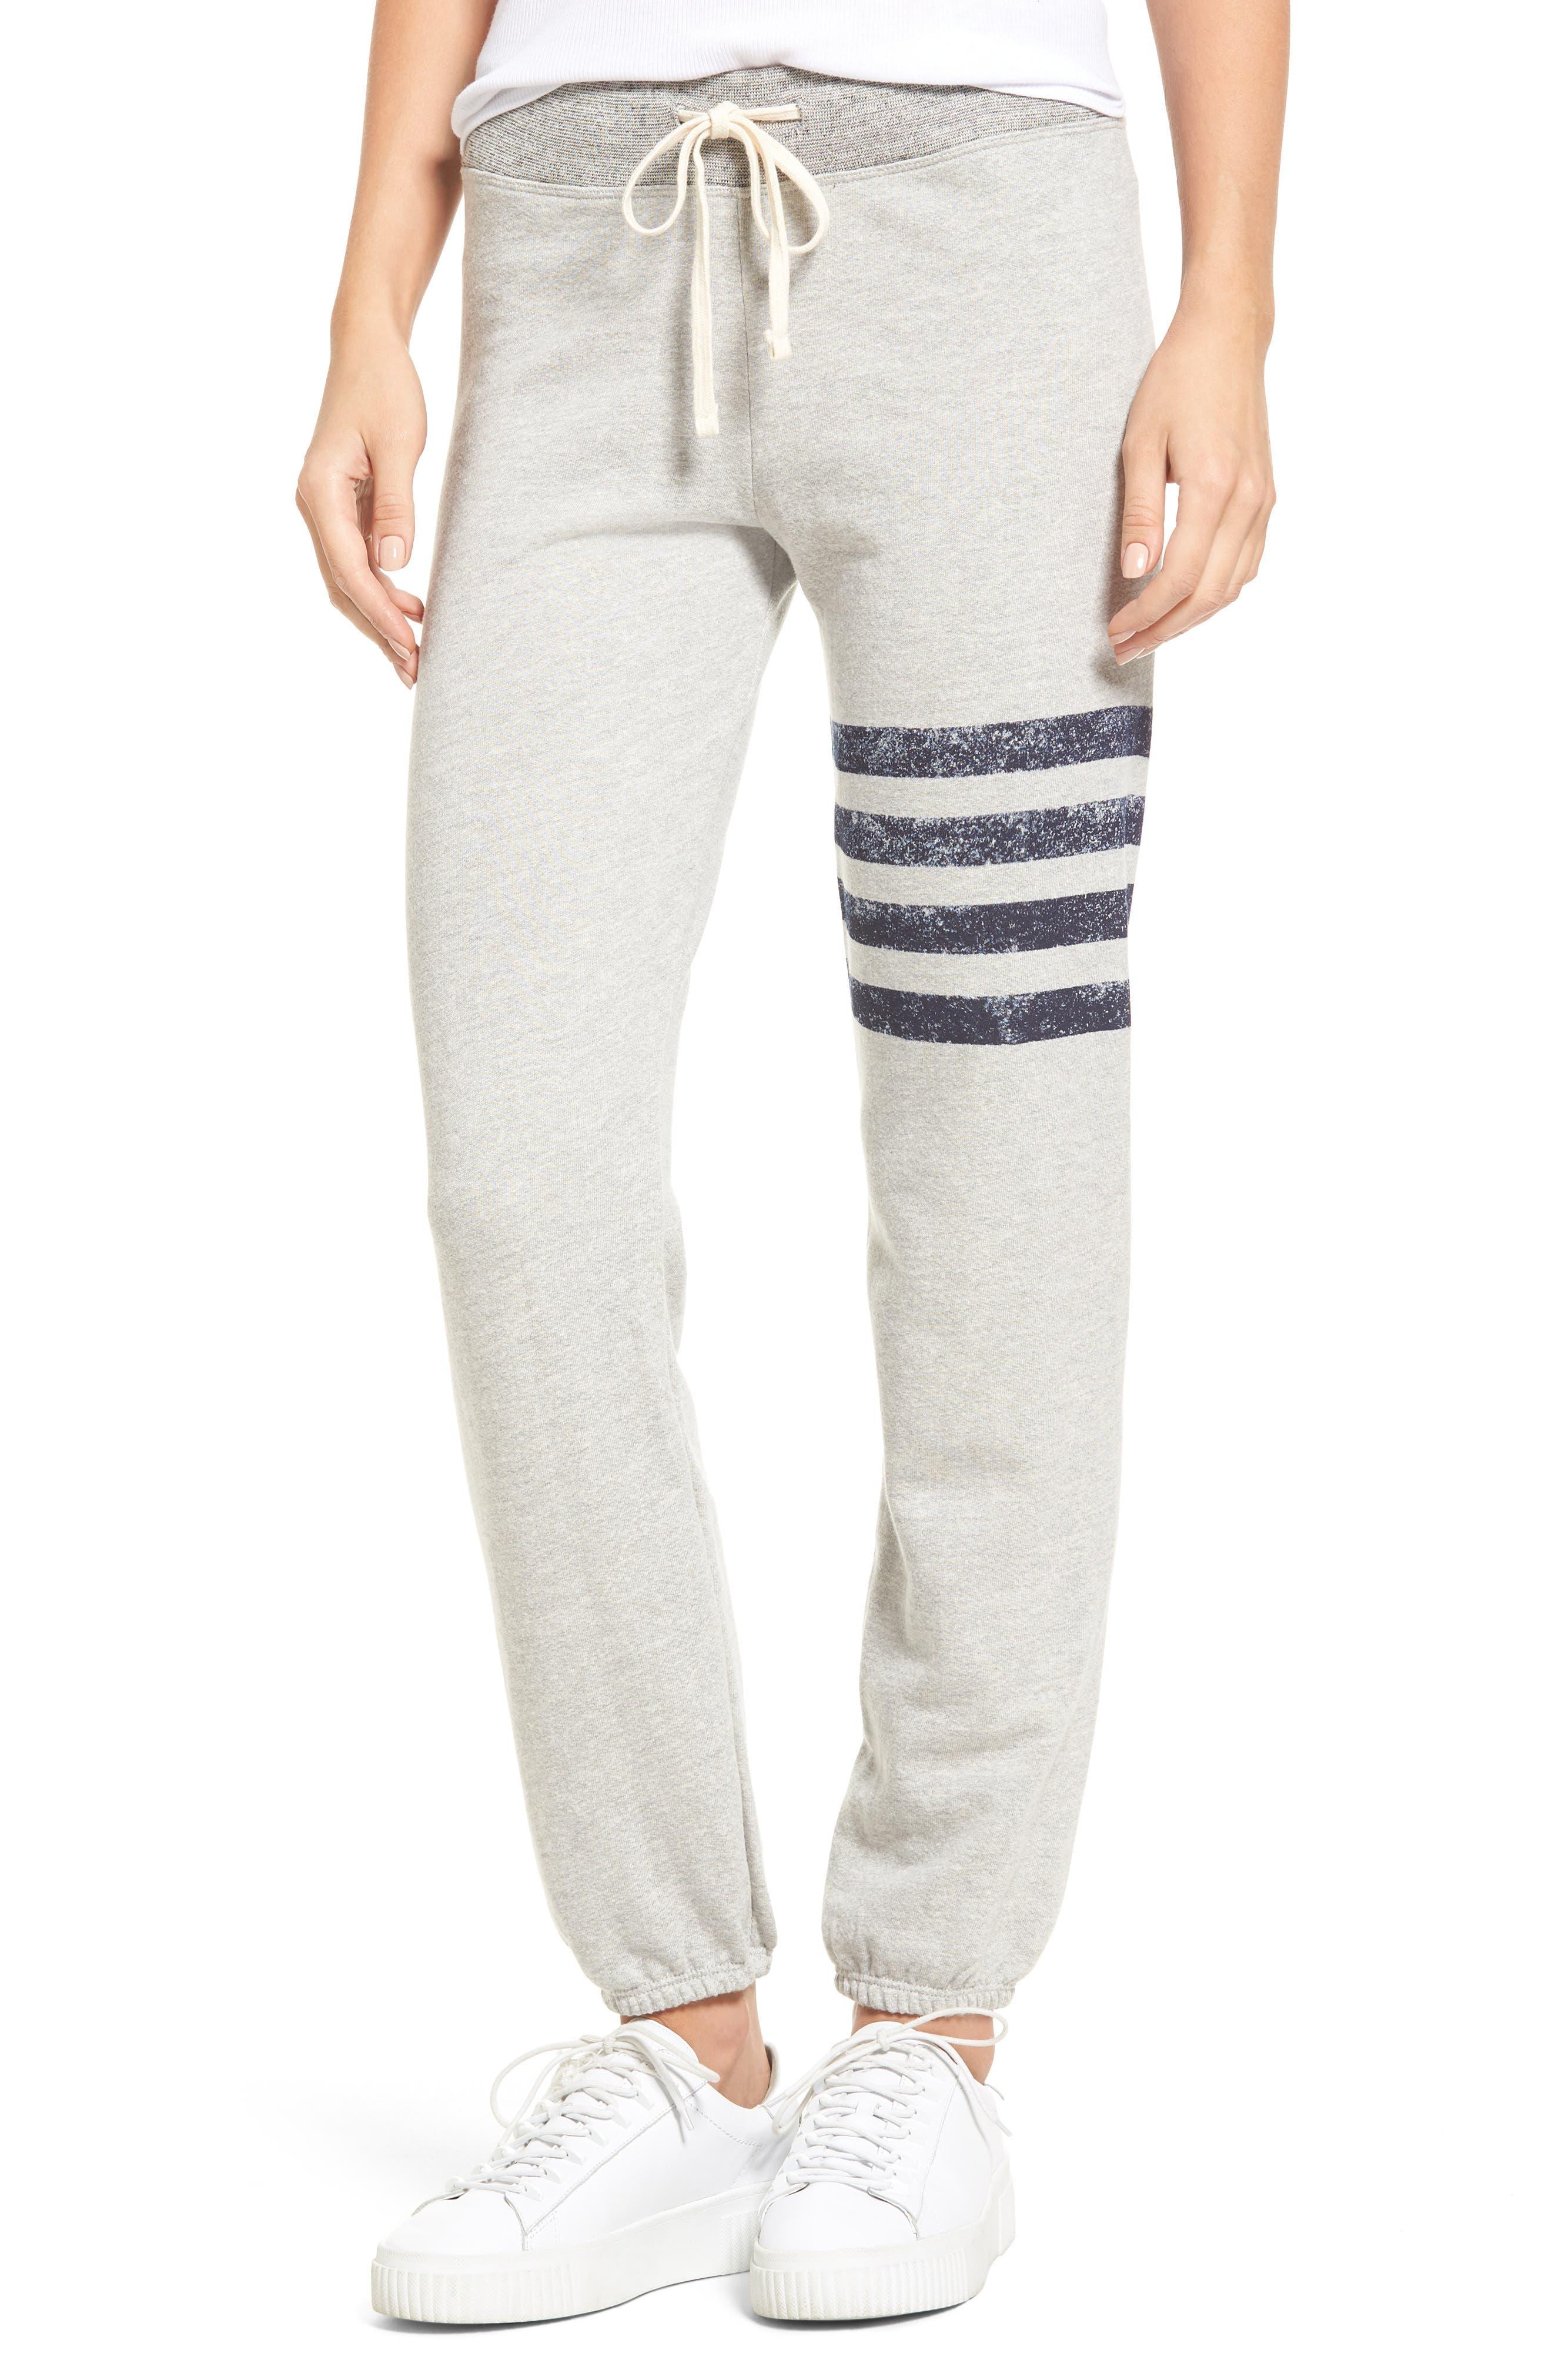 Stripe Yoga Pants,                             Main thumbnail 1, color,                             Soft Black